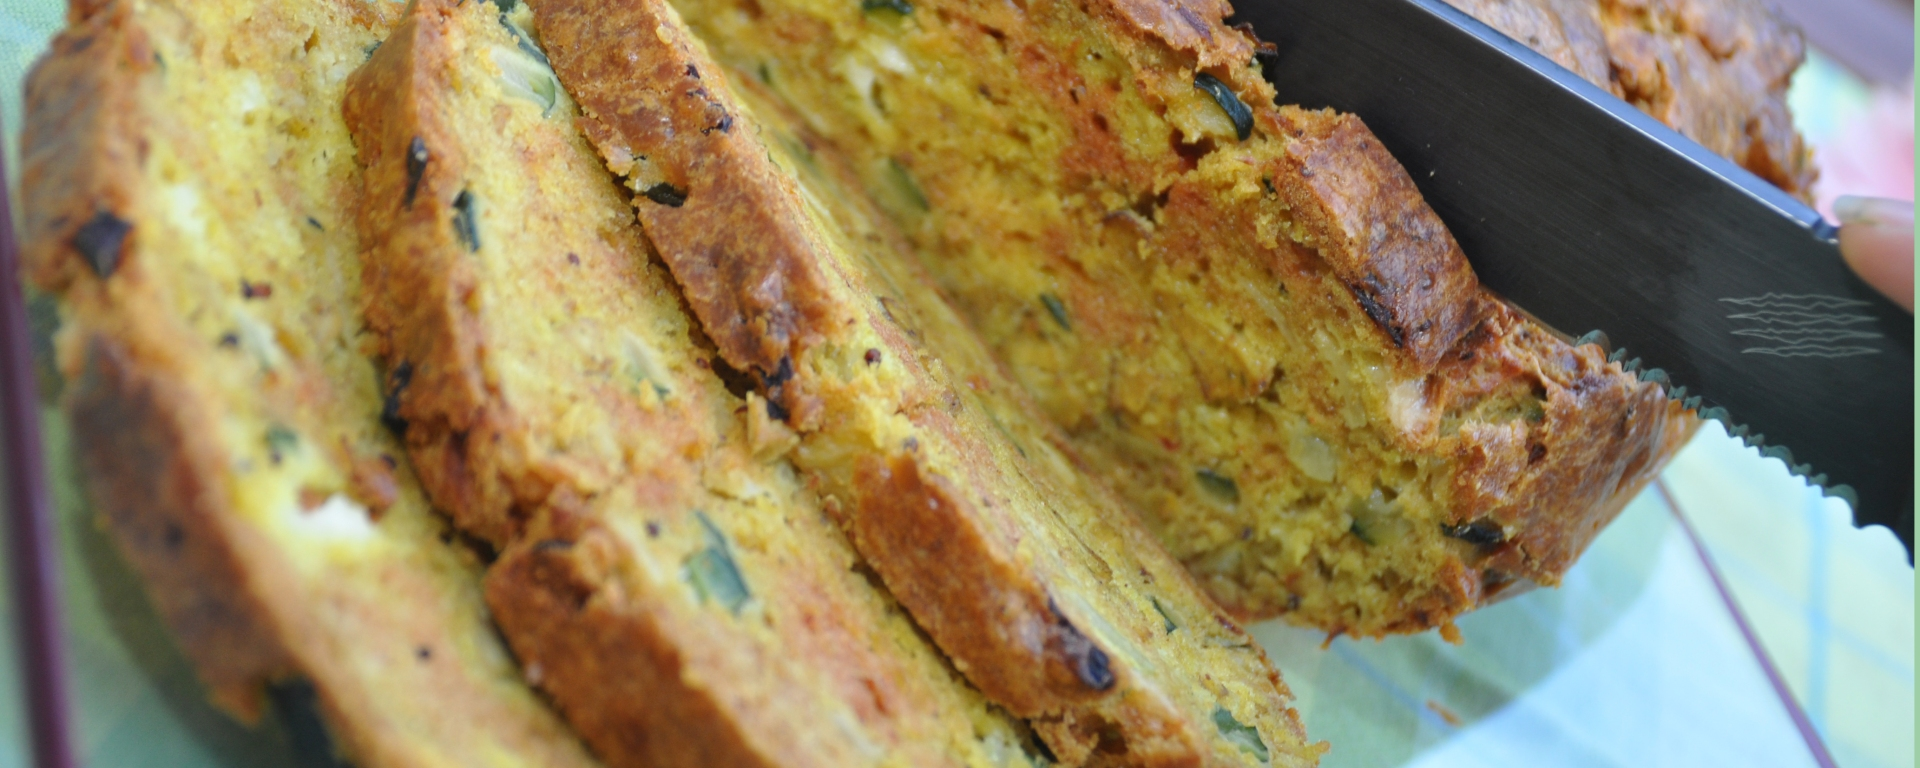 cake-courgette-curry-La-table-de-liz